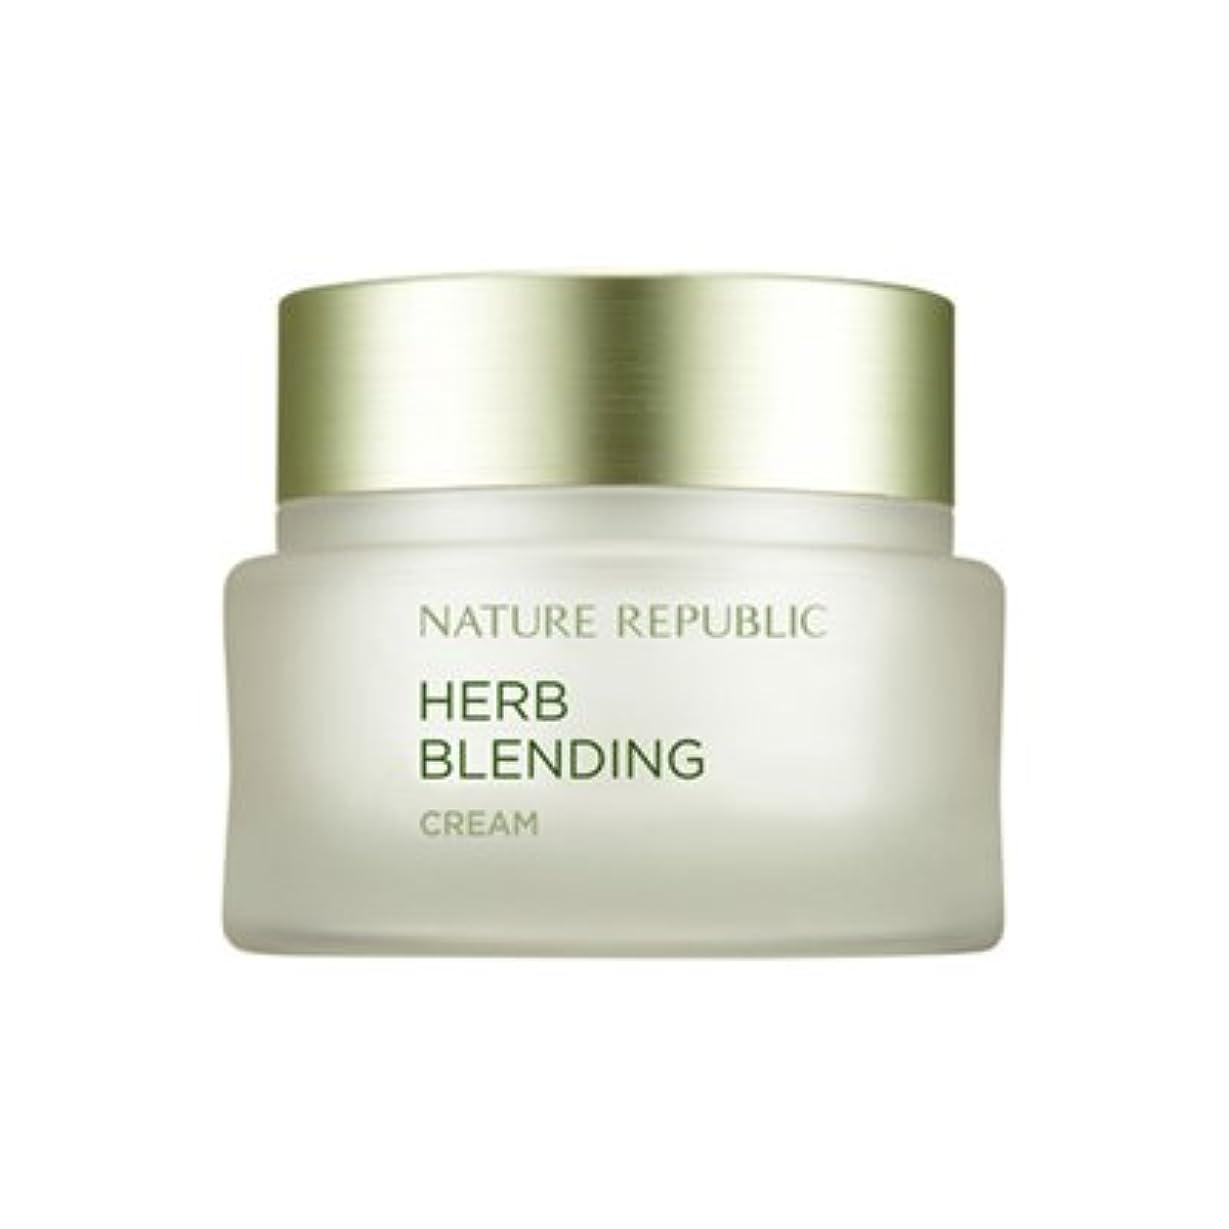 NATURE REPUBLIC Herb Blending Cream ネイチャーリパブリック ハーブブレンドクリーム [並行輸入品]